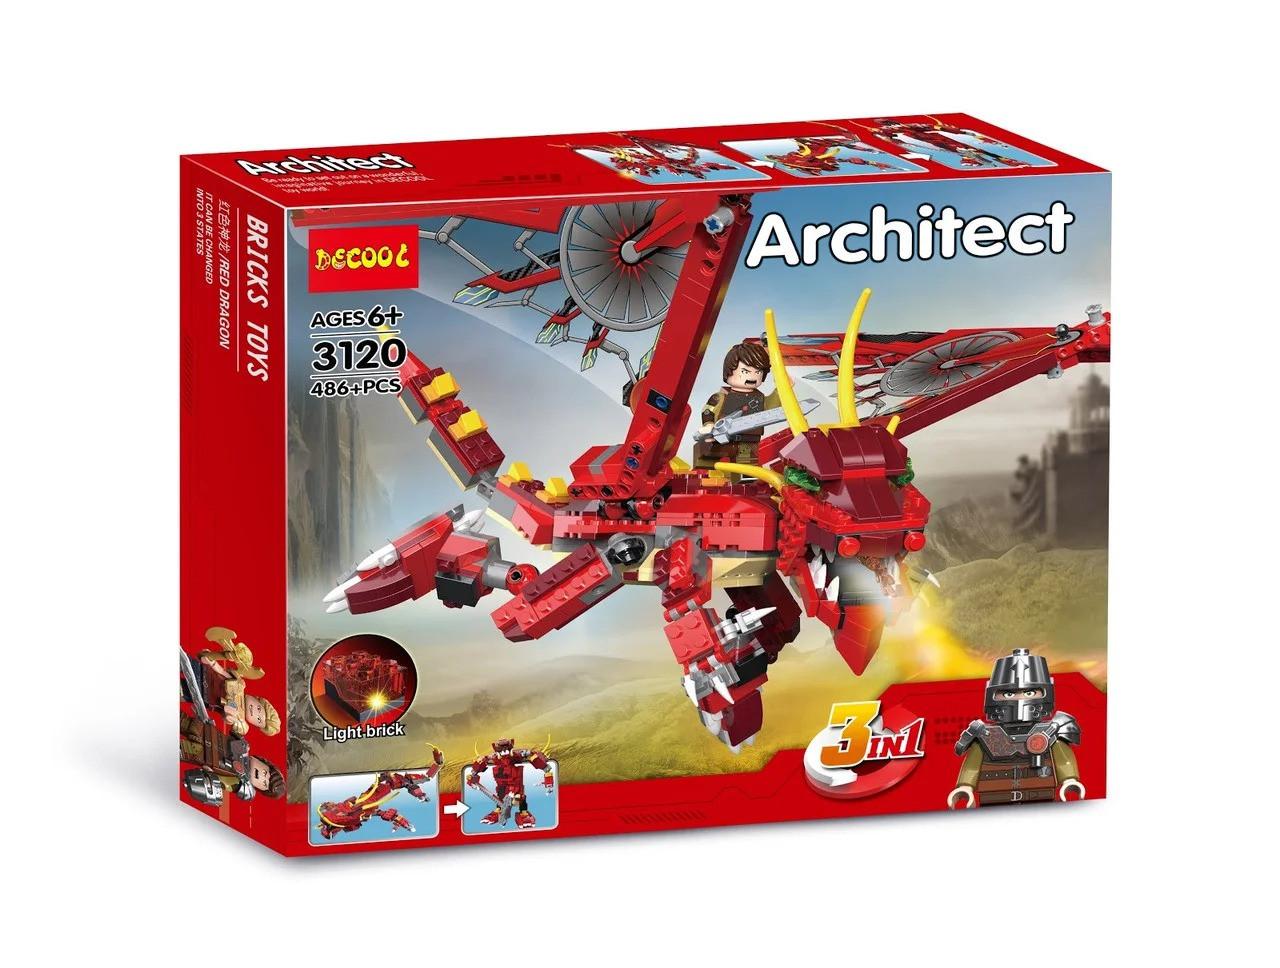 """Конструктор Decool 3120 Architect (аналог Lego Creator) """"Красный дракон 3 в 1"""" 486 деталей"""